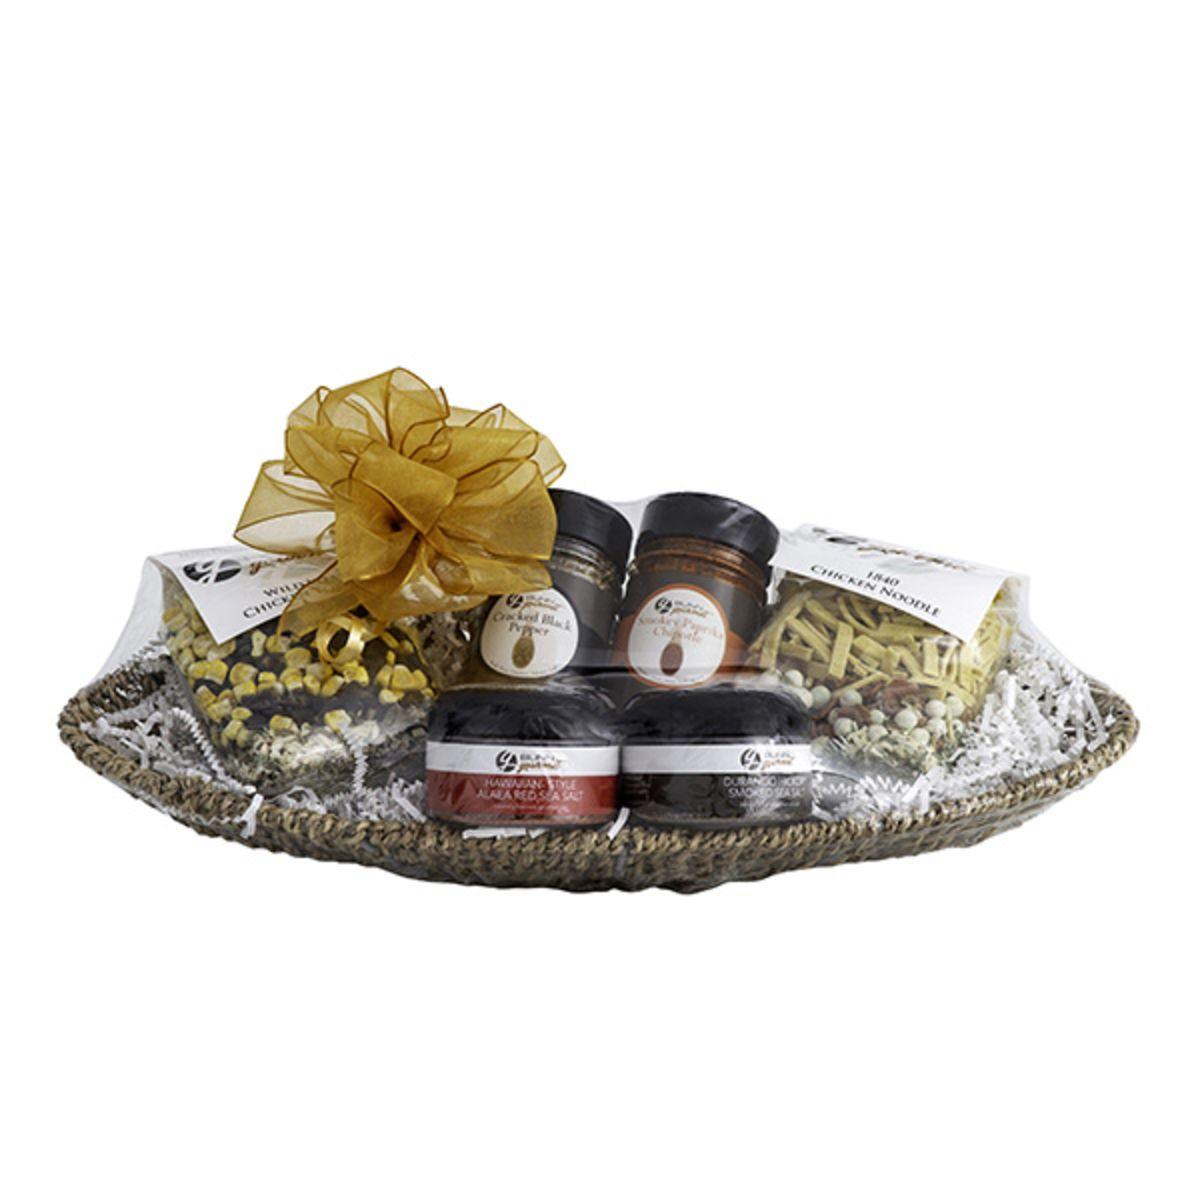 Taste of BUNN Gourmet Gift Basket